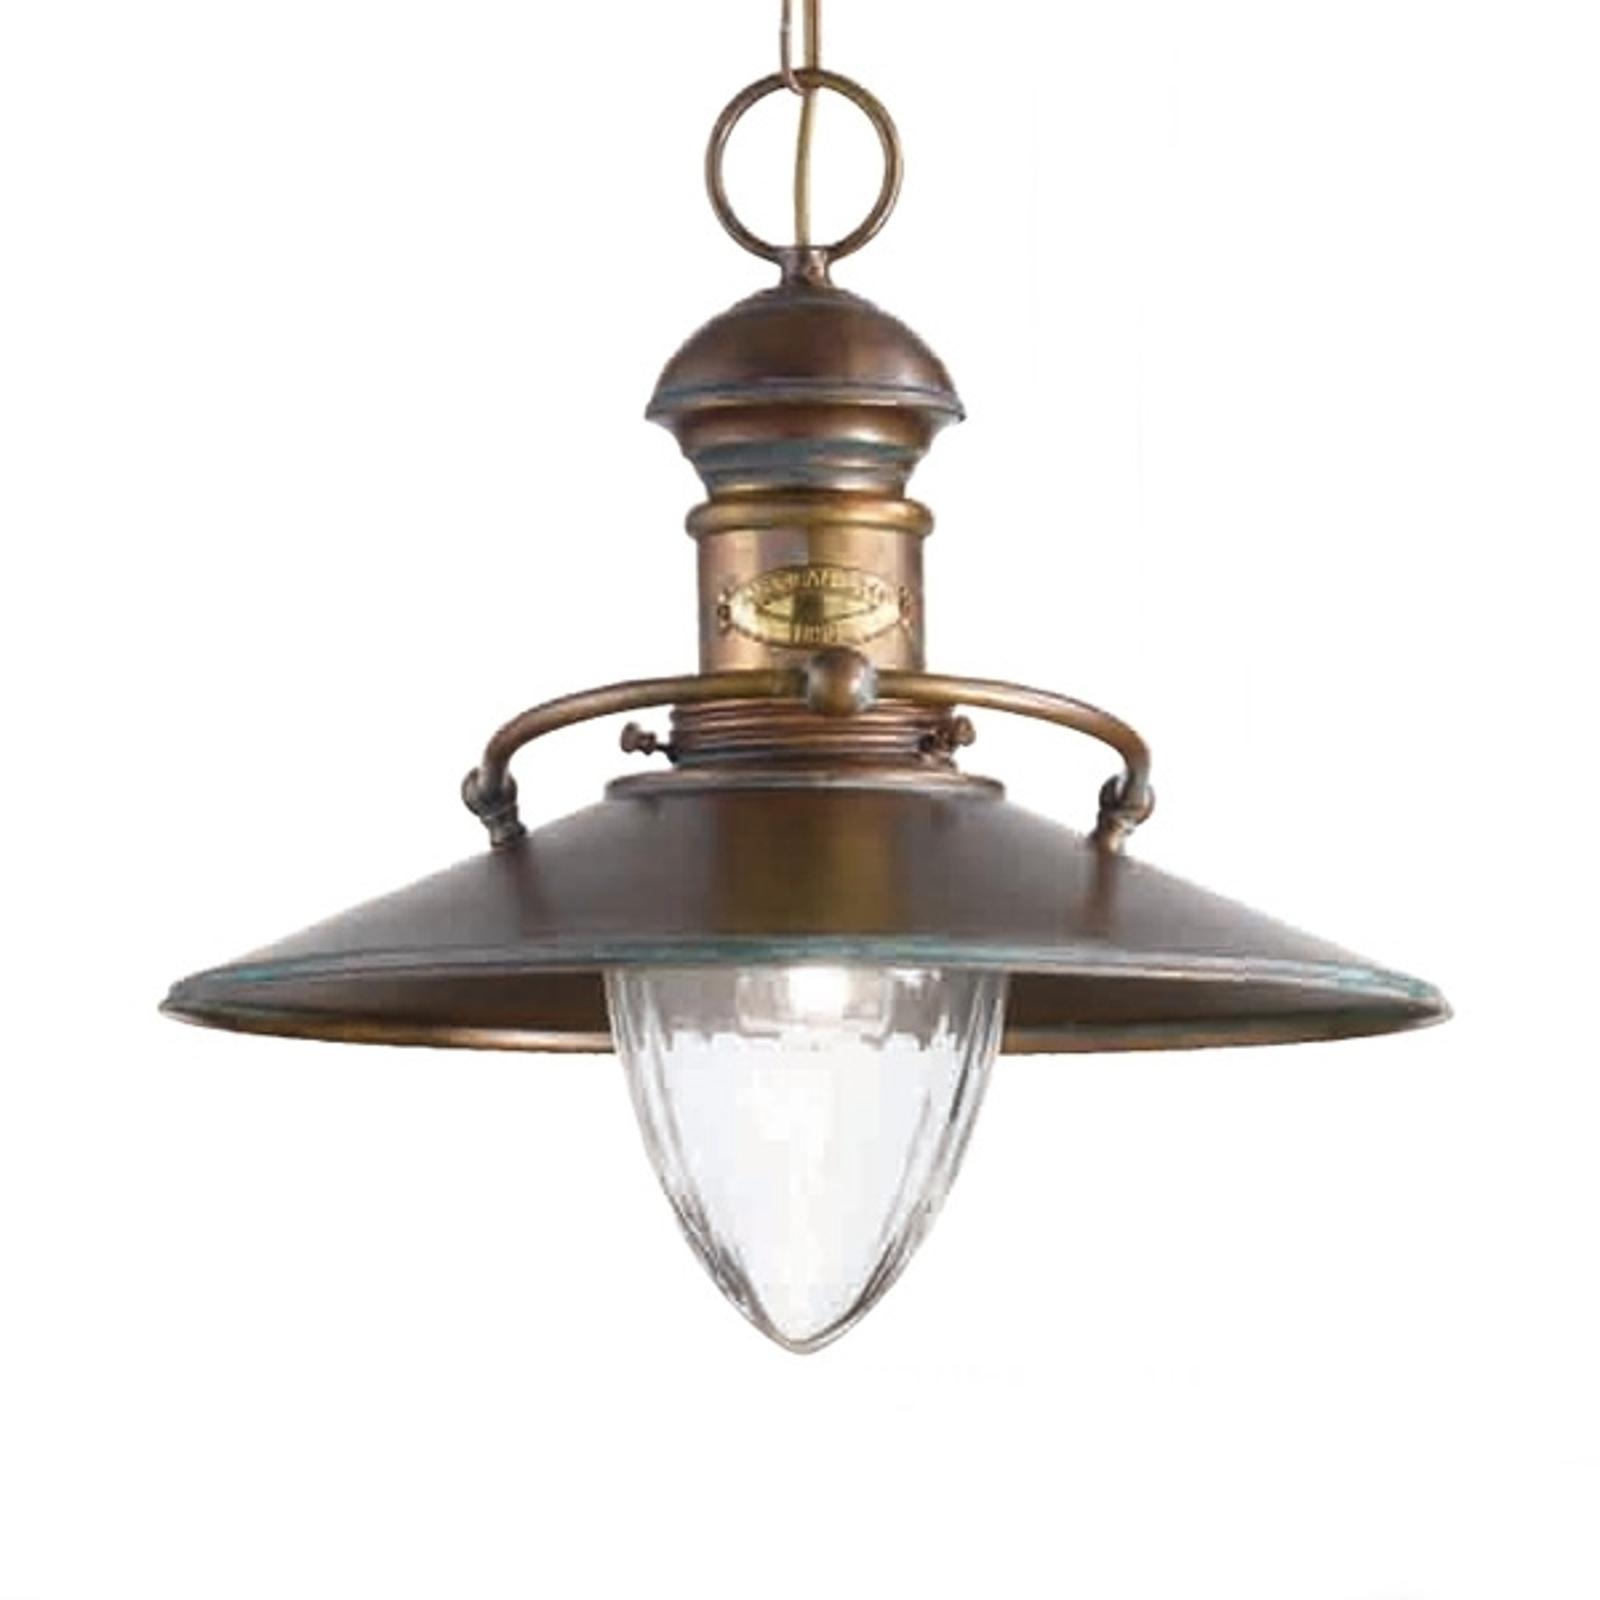 Antyczna lampa wisząca Scia brązowana zielona